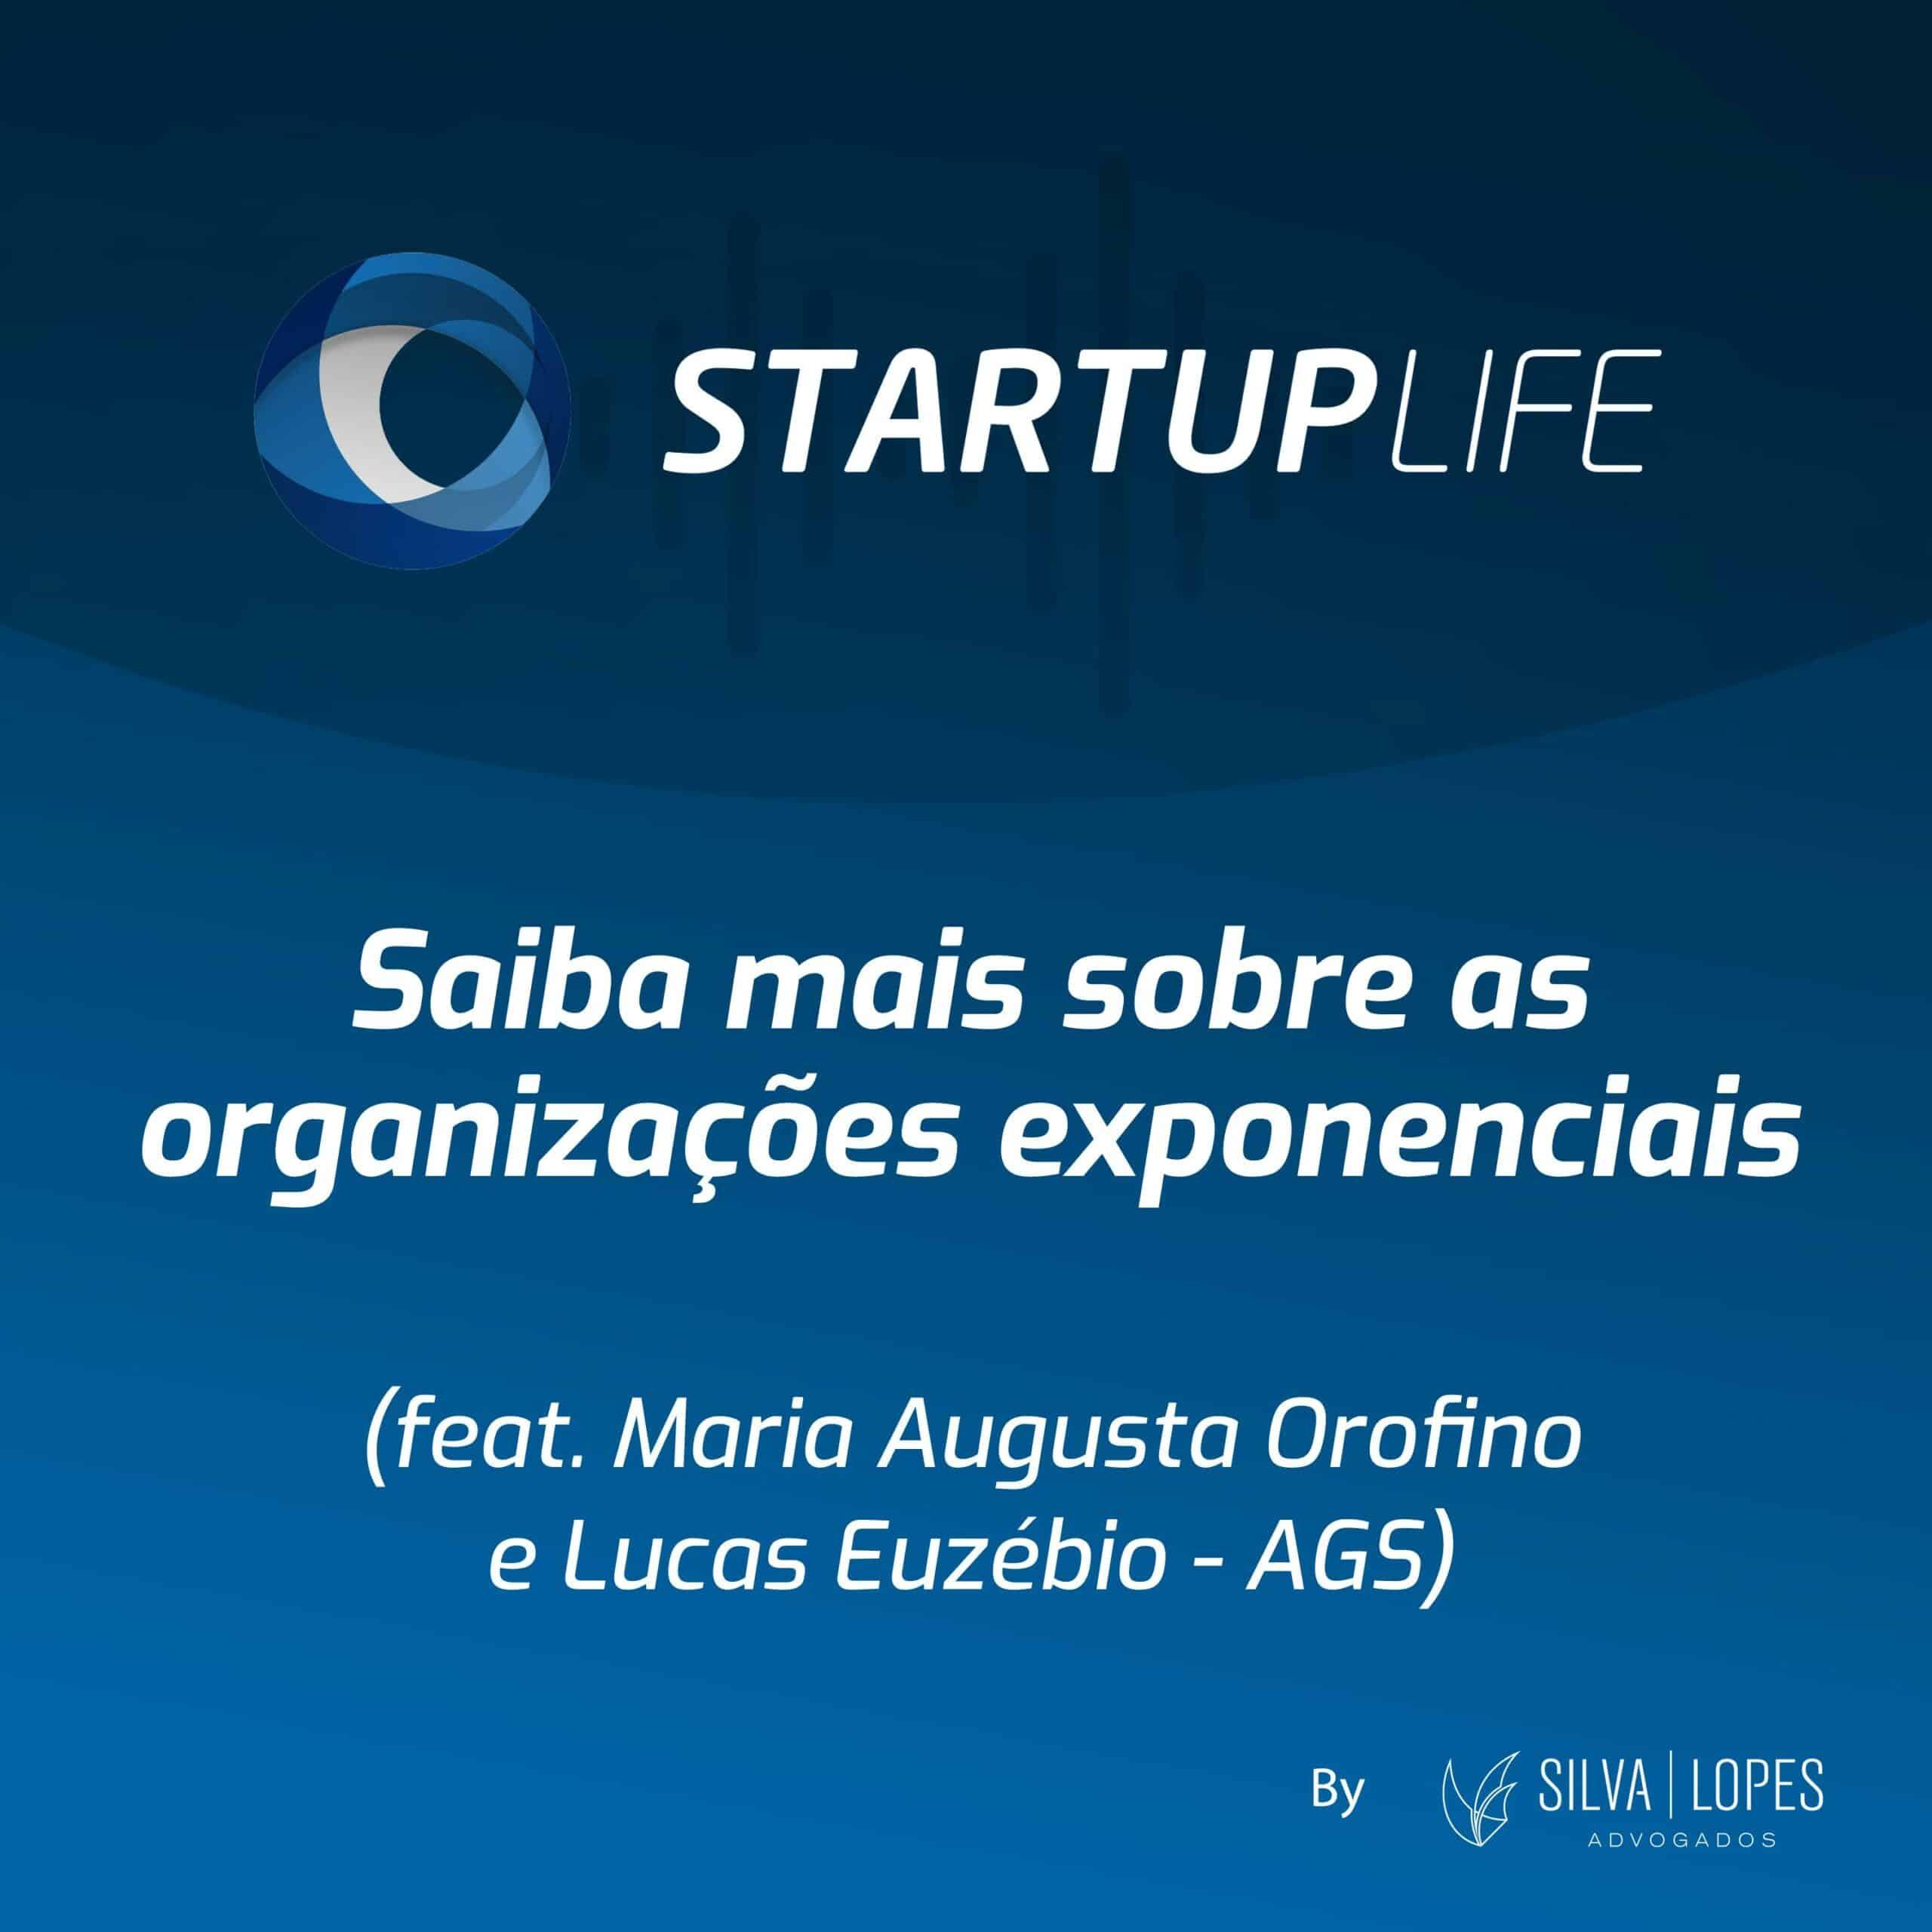 Saiba mais sobre as organizações exponenciais